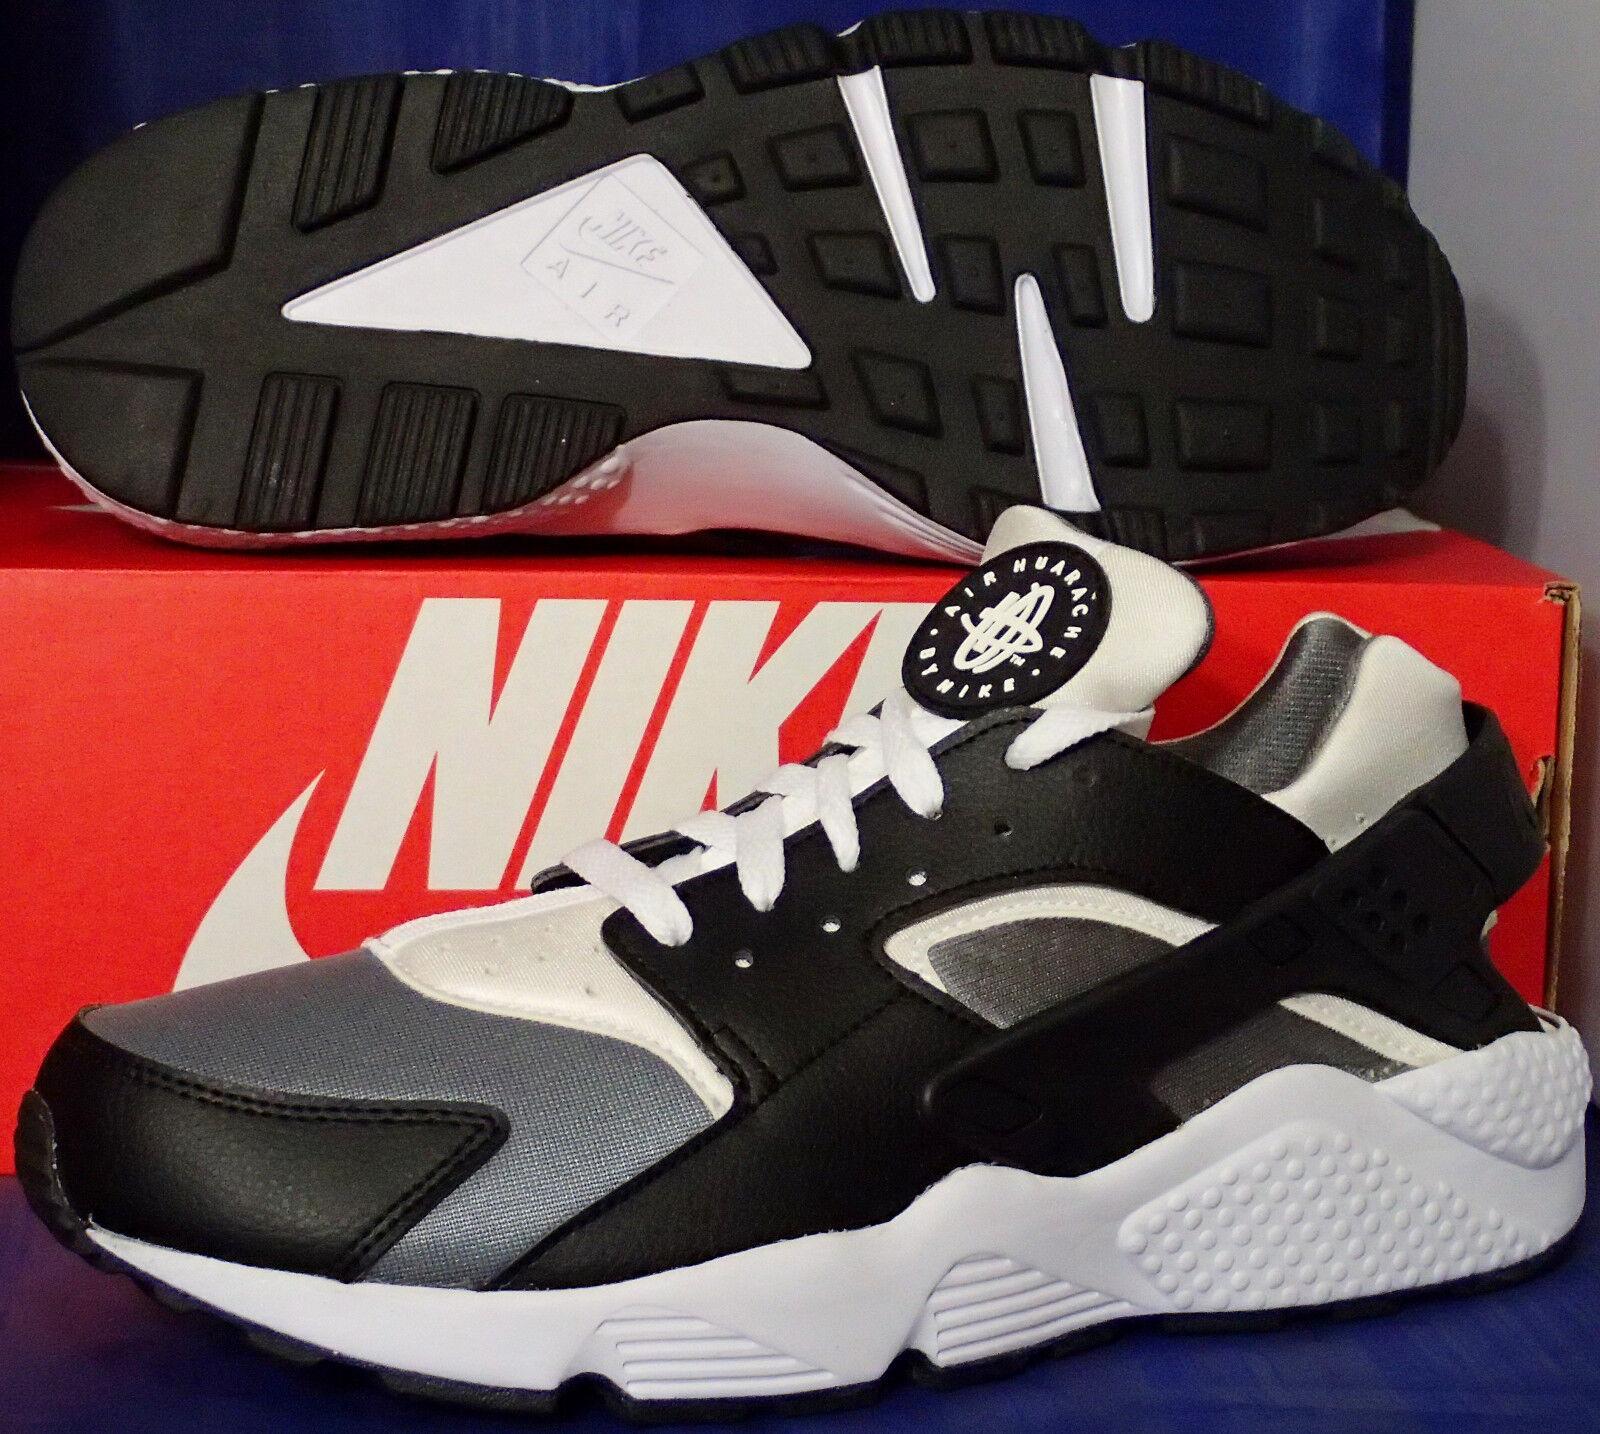 Nike Air Huarache courir iD noir Cool  Gris  blanc SZ 10 ( 777330-994 )